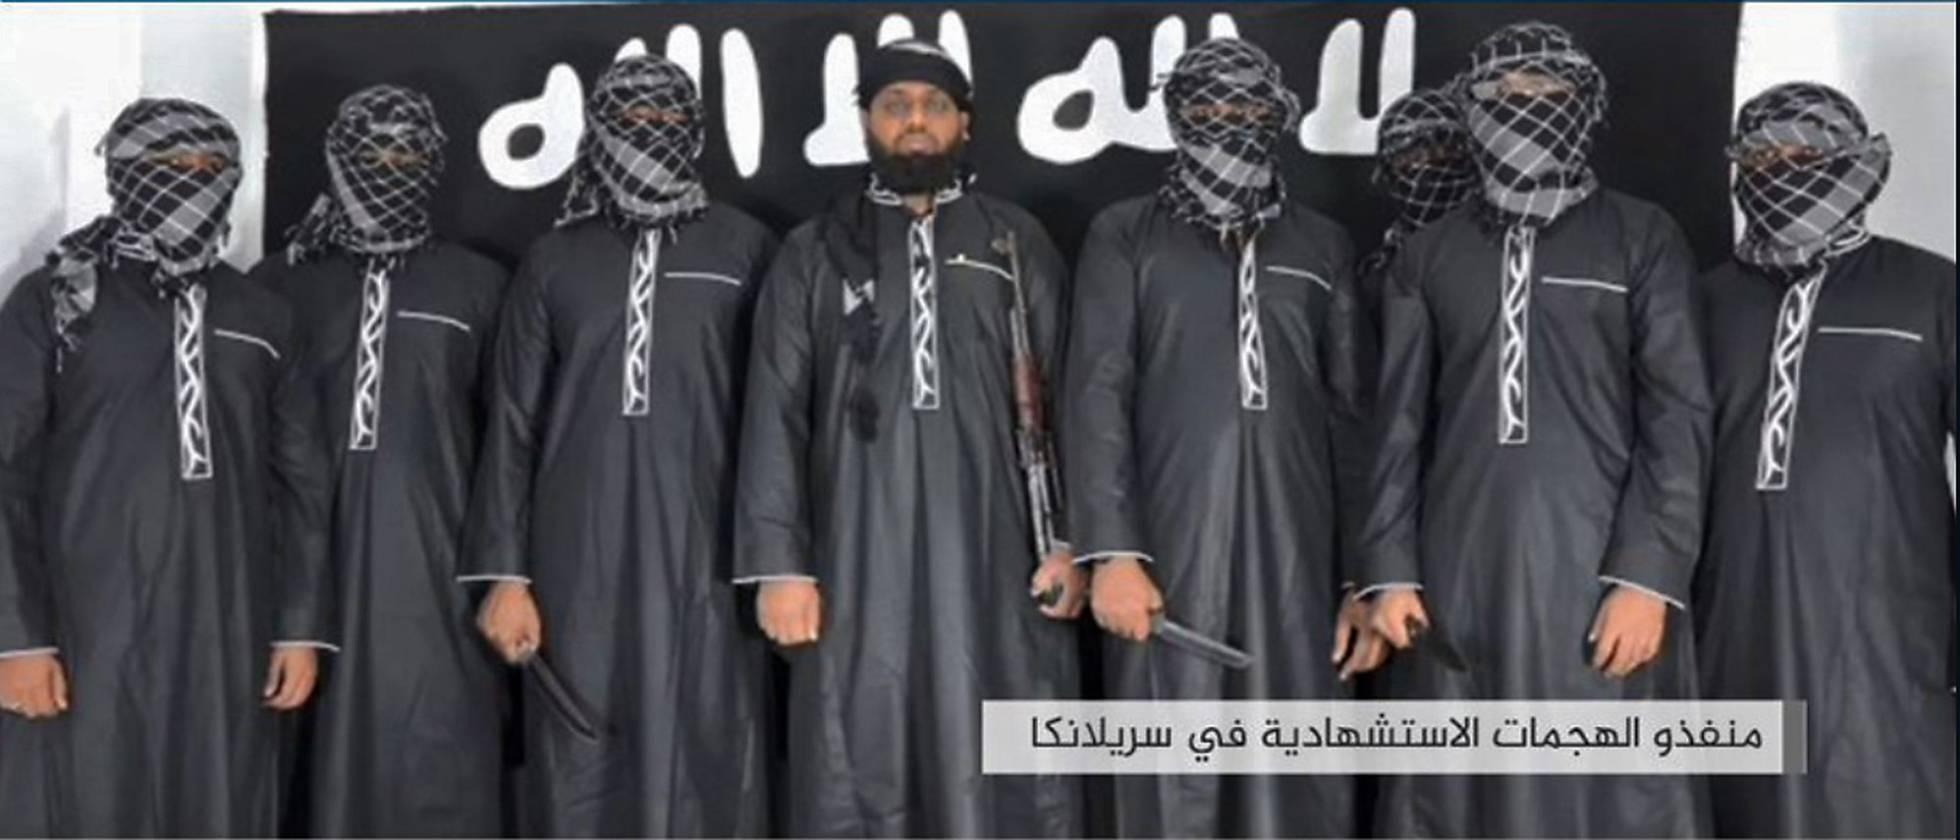 el-estado-islamico-se-atribuyo-los-atentados-en-sri-lanka